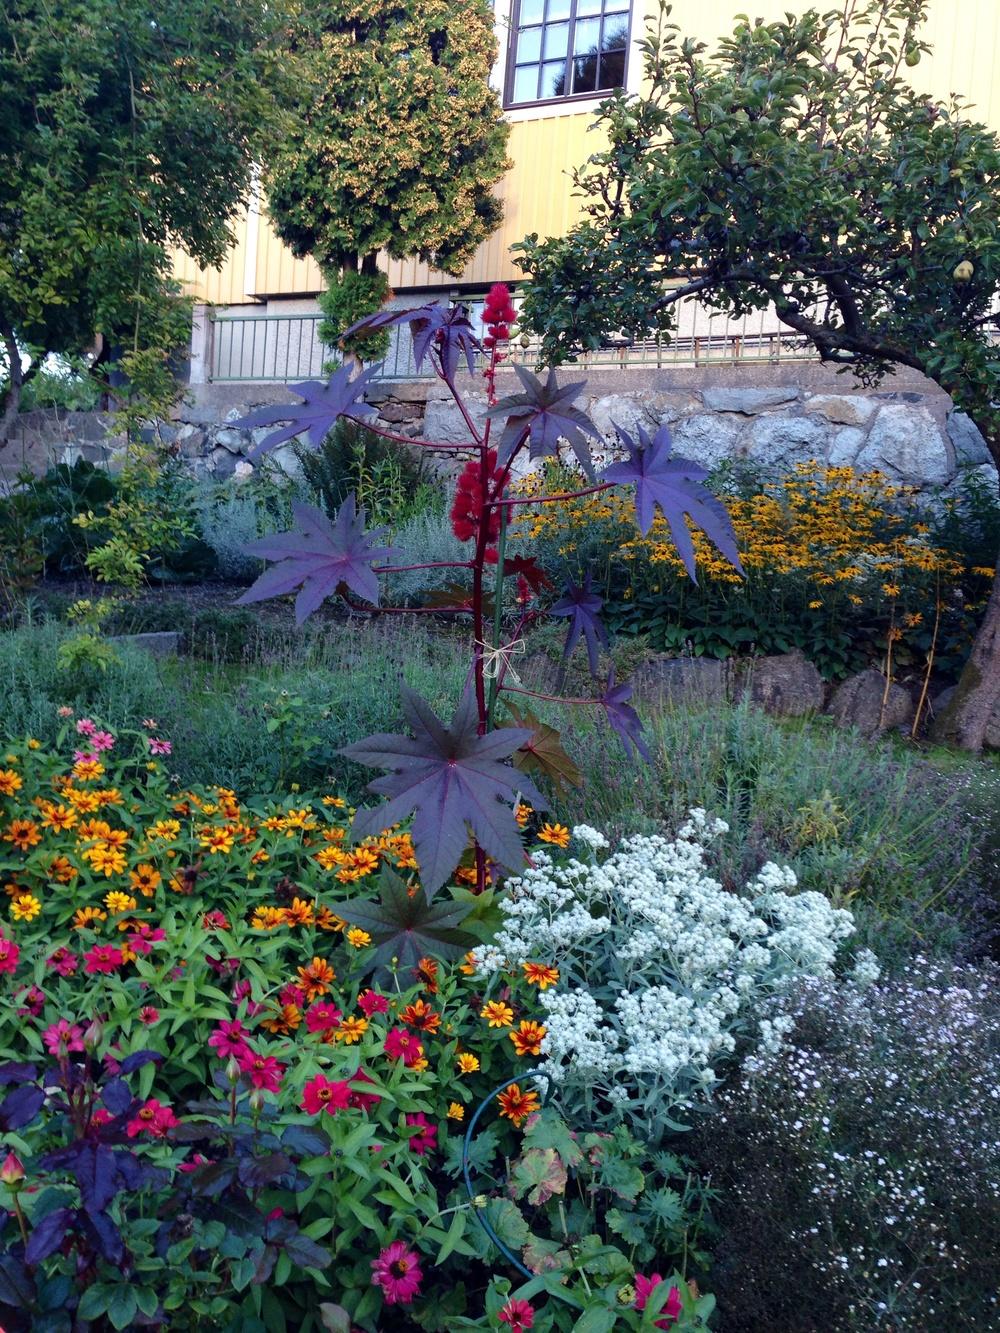 I vårt villakvarter finns den här välskötta trädgården som alltid bjuder på en härlig färgexplosion. Tror ni inte att mitt bland blomsterhavet så sticker en magnifik ricin upp. Visst är den läcker!